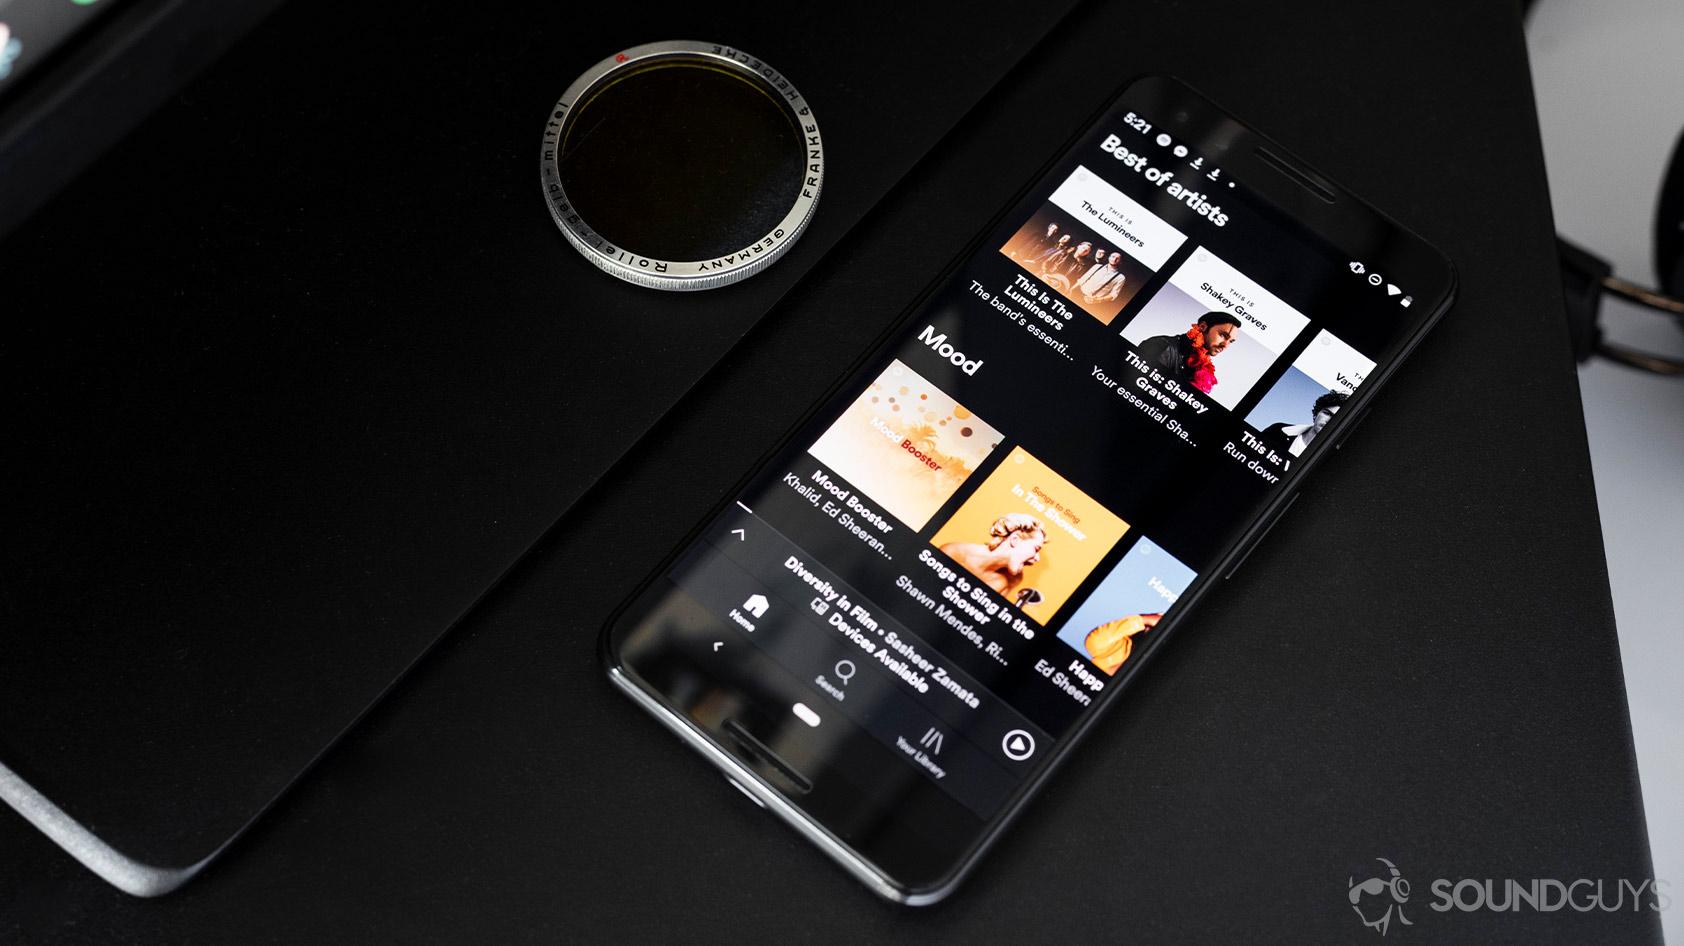 Apple Music Vs Spotify Soundguys